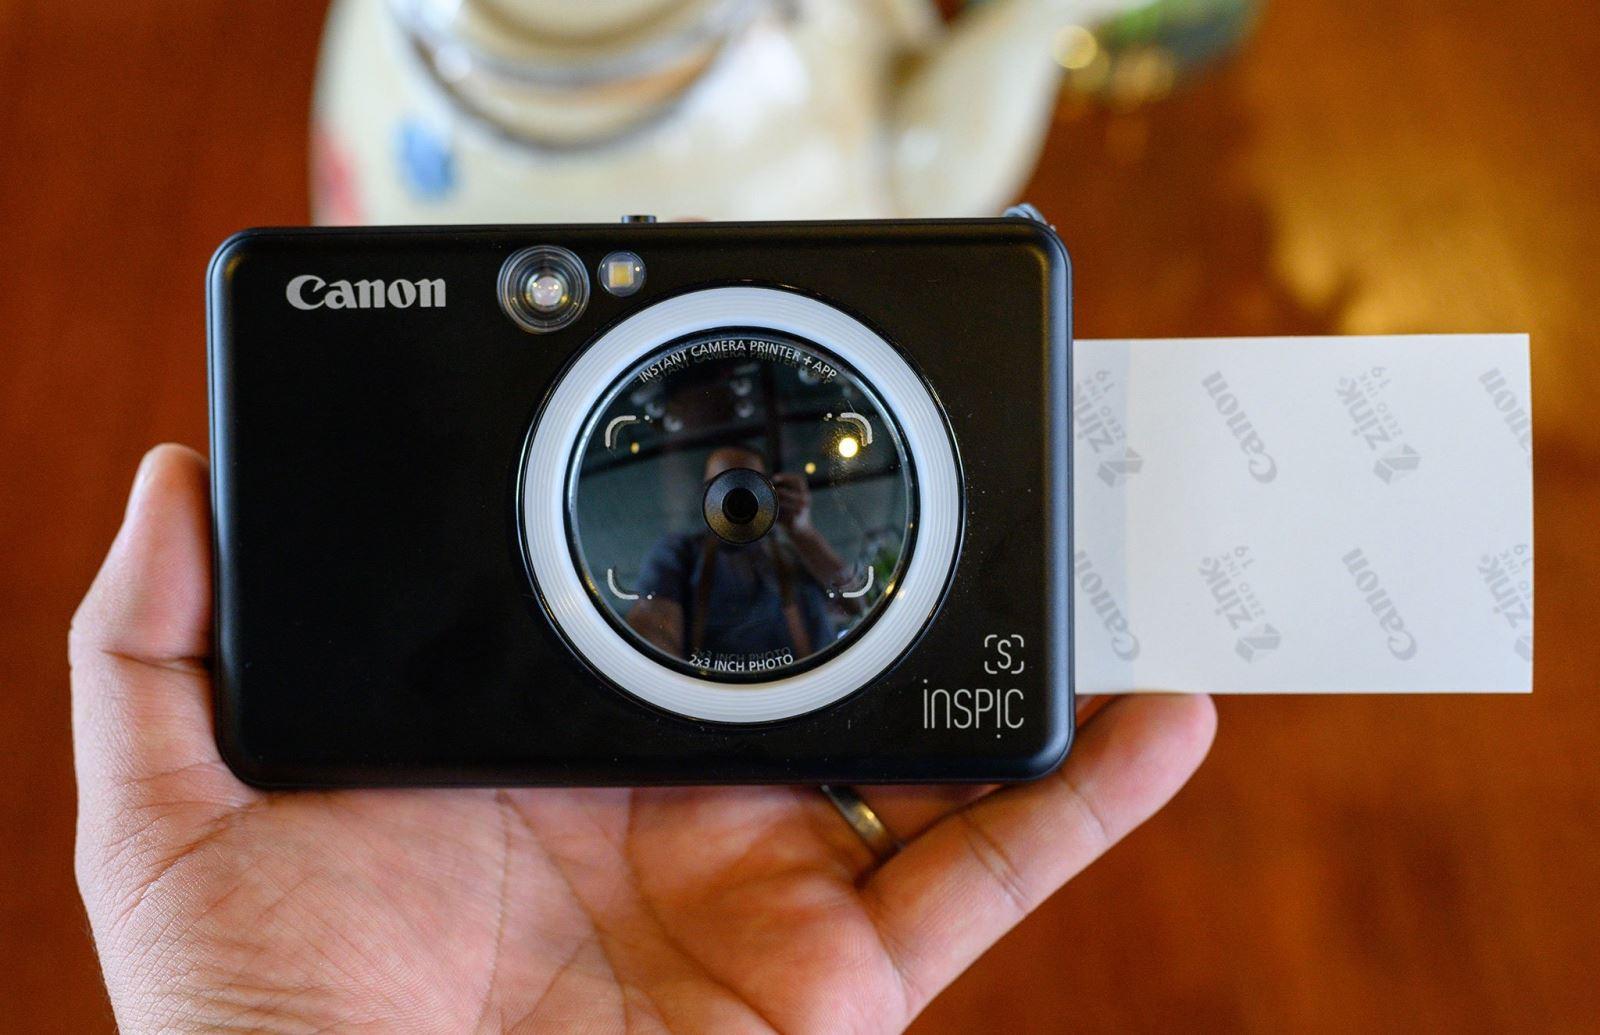 Đánh giá máy ảnh chụp lấy liền Canon ZV123: gọn nhẹ, thời trang, kết nối  được với smartphone để in thêm ảnh